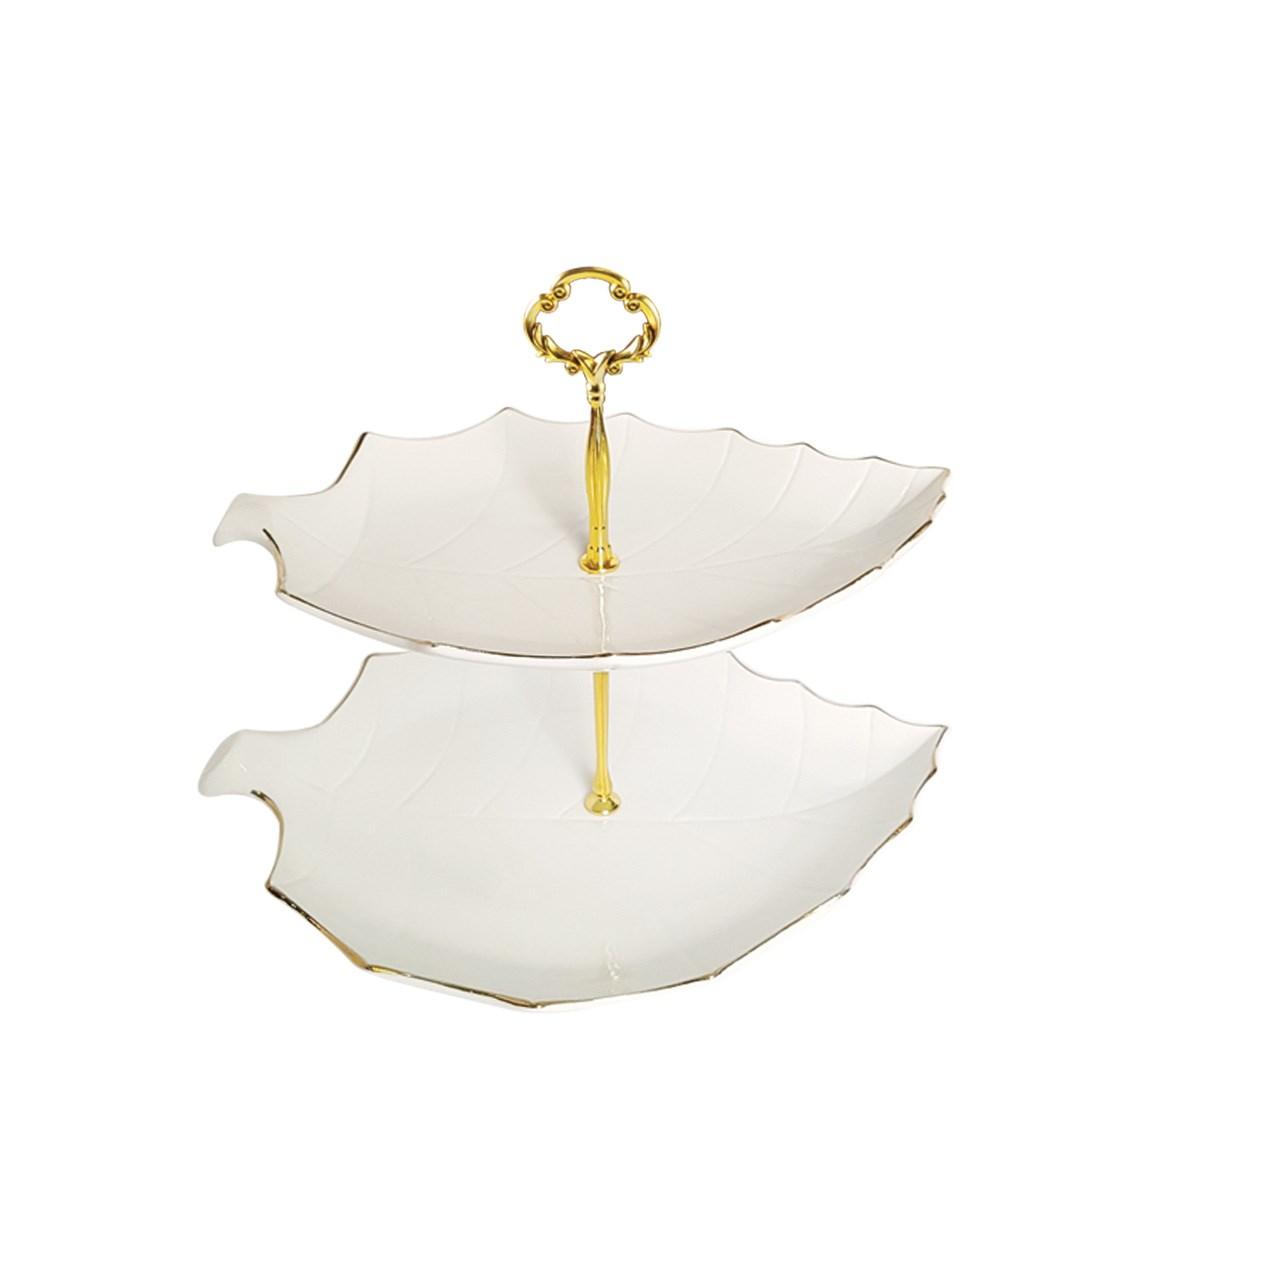 عکس شیرینی خوری لیمون چینی طرح خط طلا مدل برگ